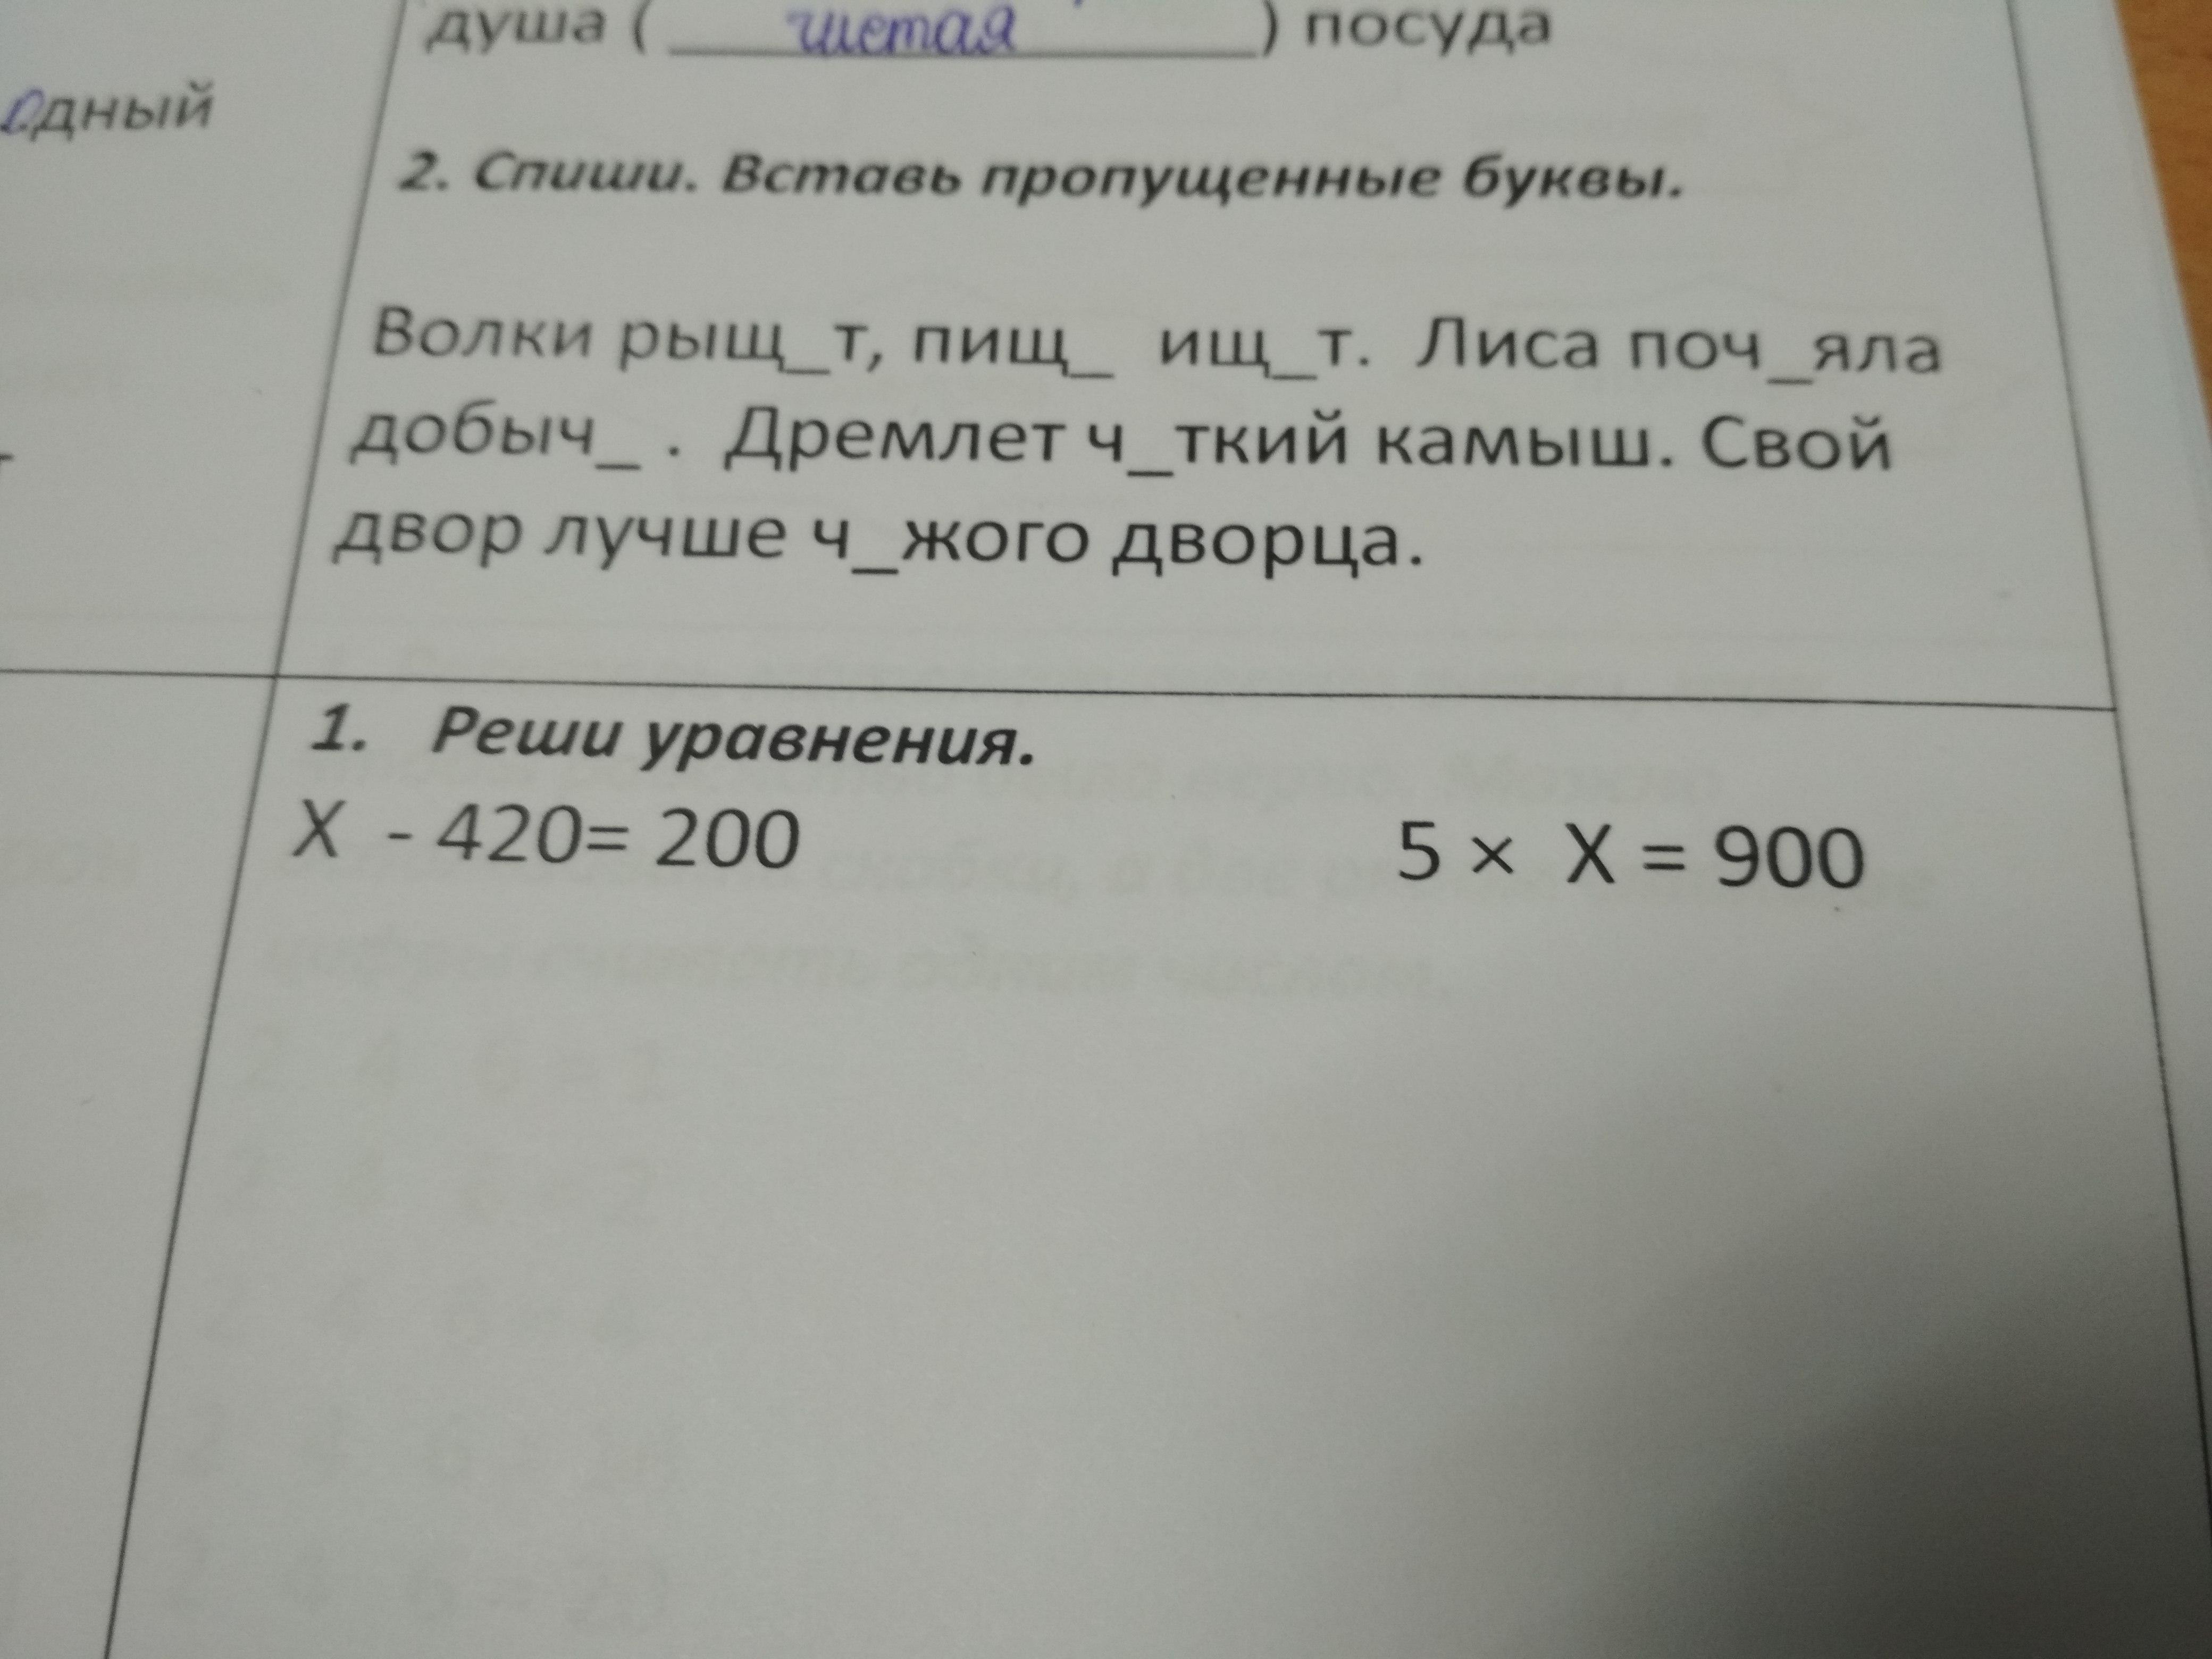 Помогите пажалуйста 2,1 задание. До 14:30срочно!!!